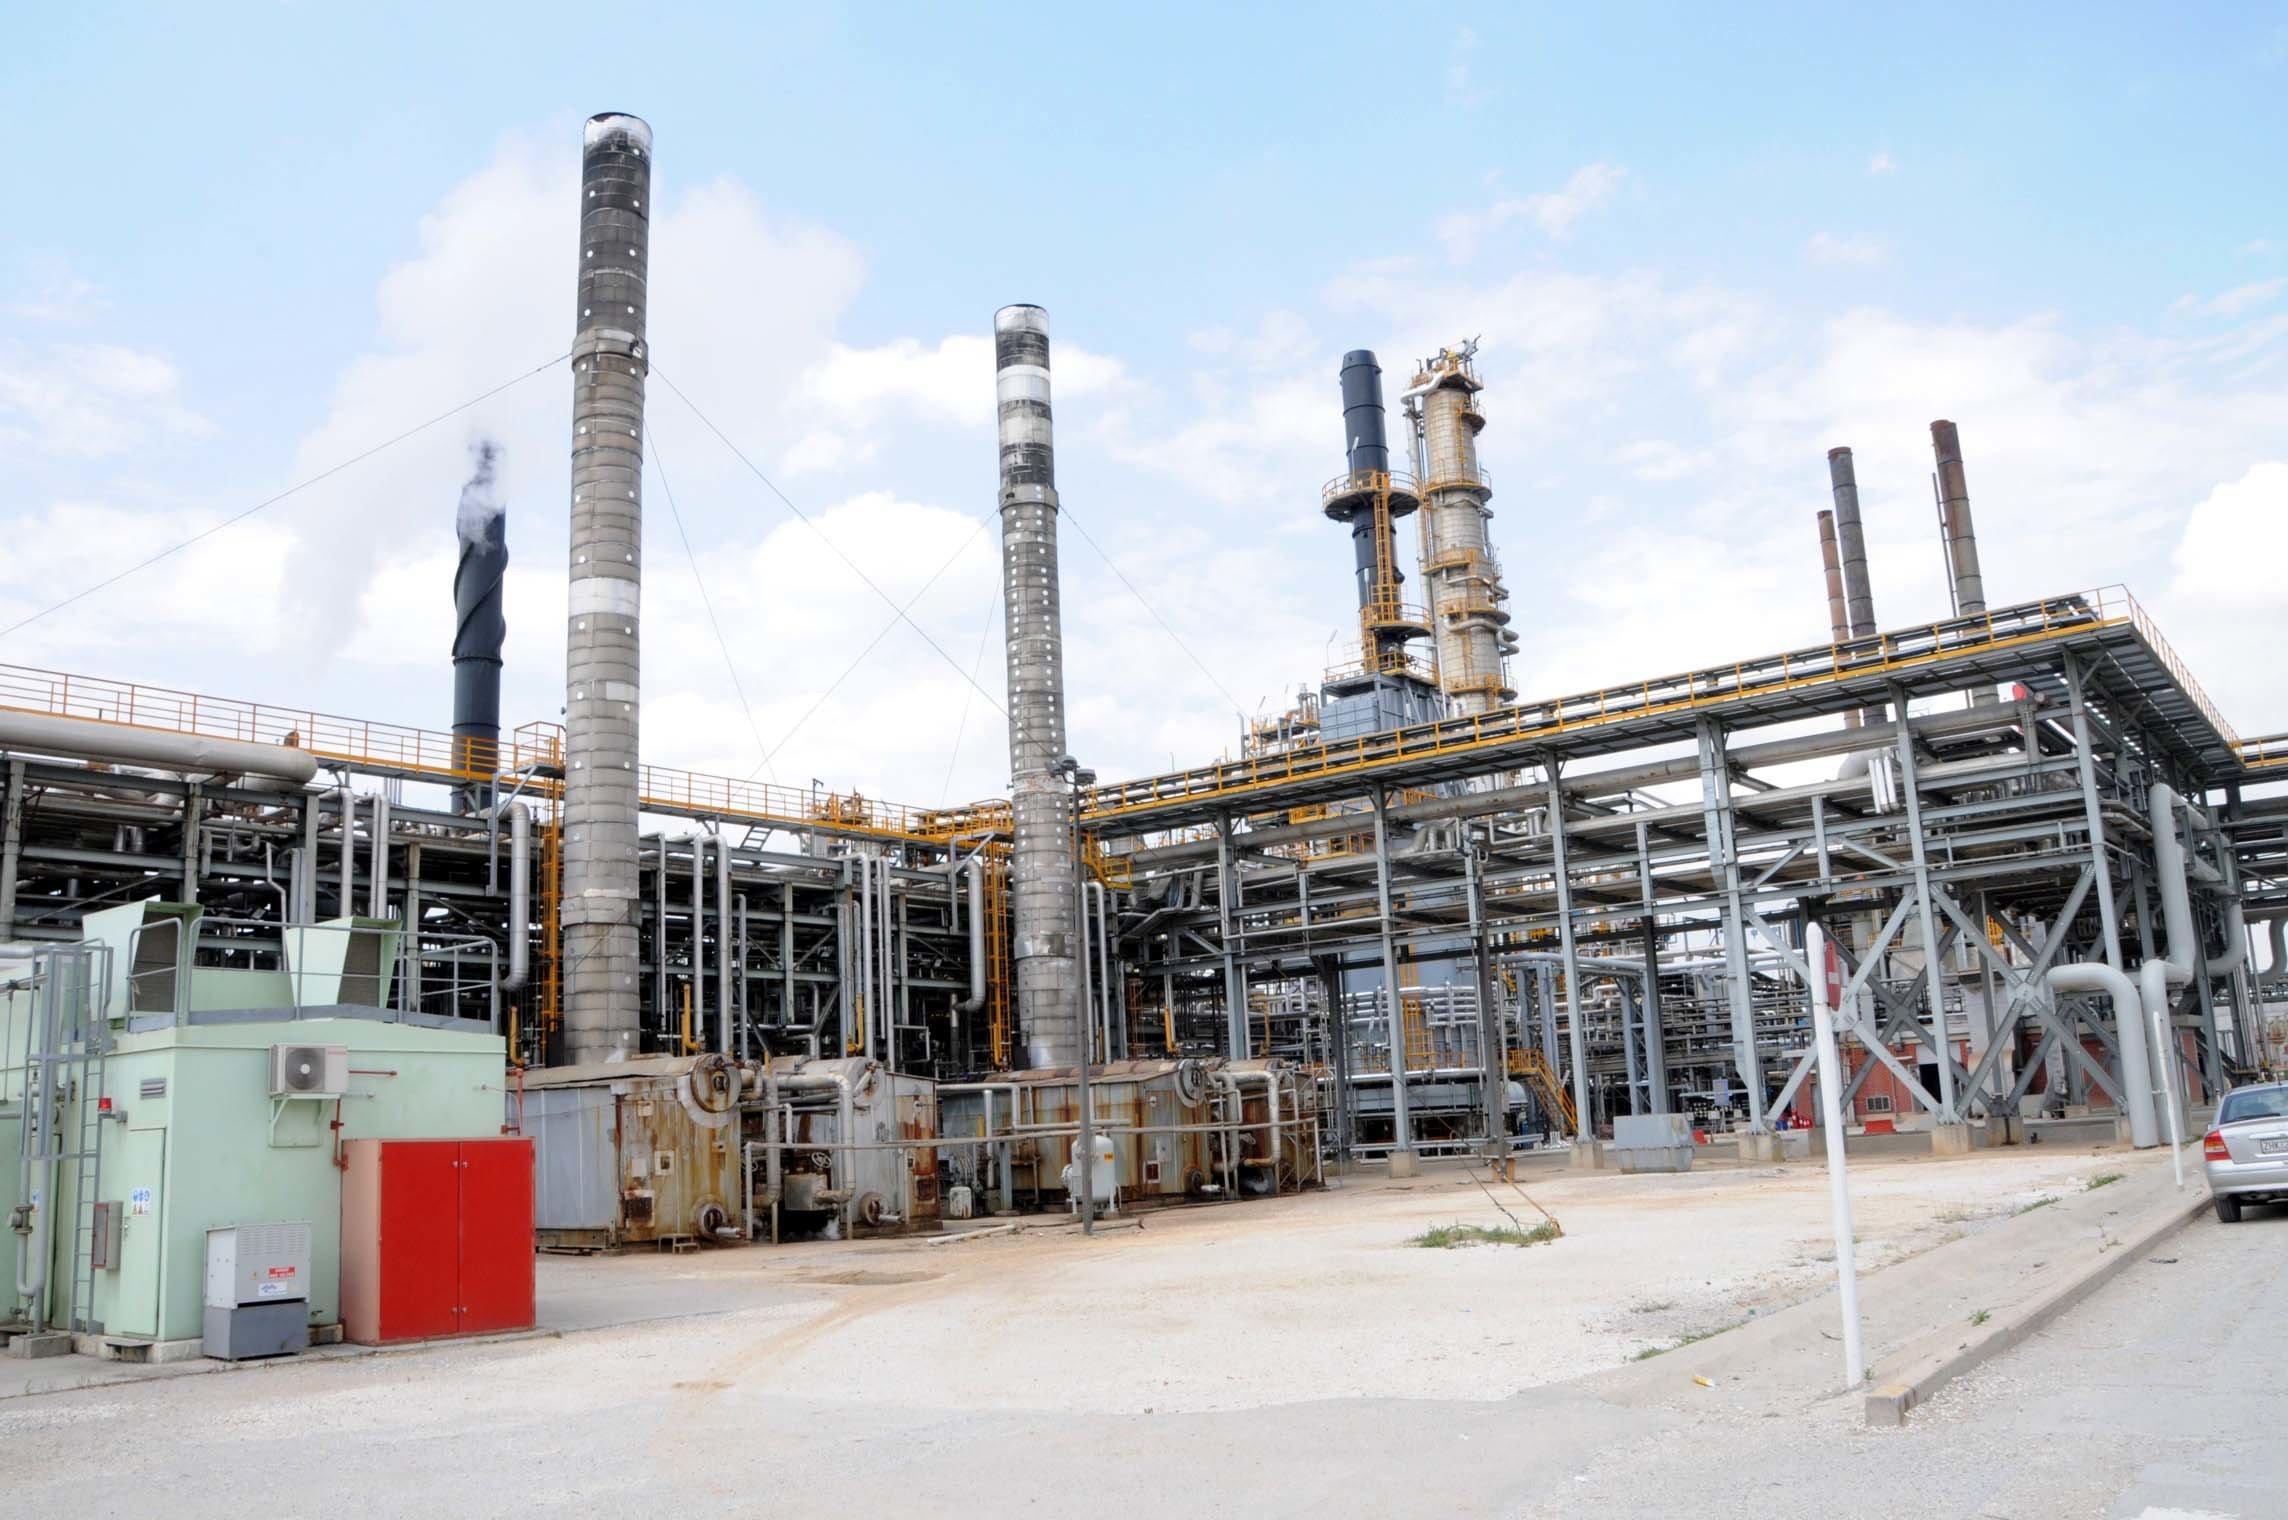 Διευκρινίσεις των ΕΛΠΕ για τα δημοσιεύματα σχετικά με την προμήθεια αργού πετρελαίου από το